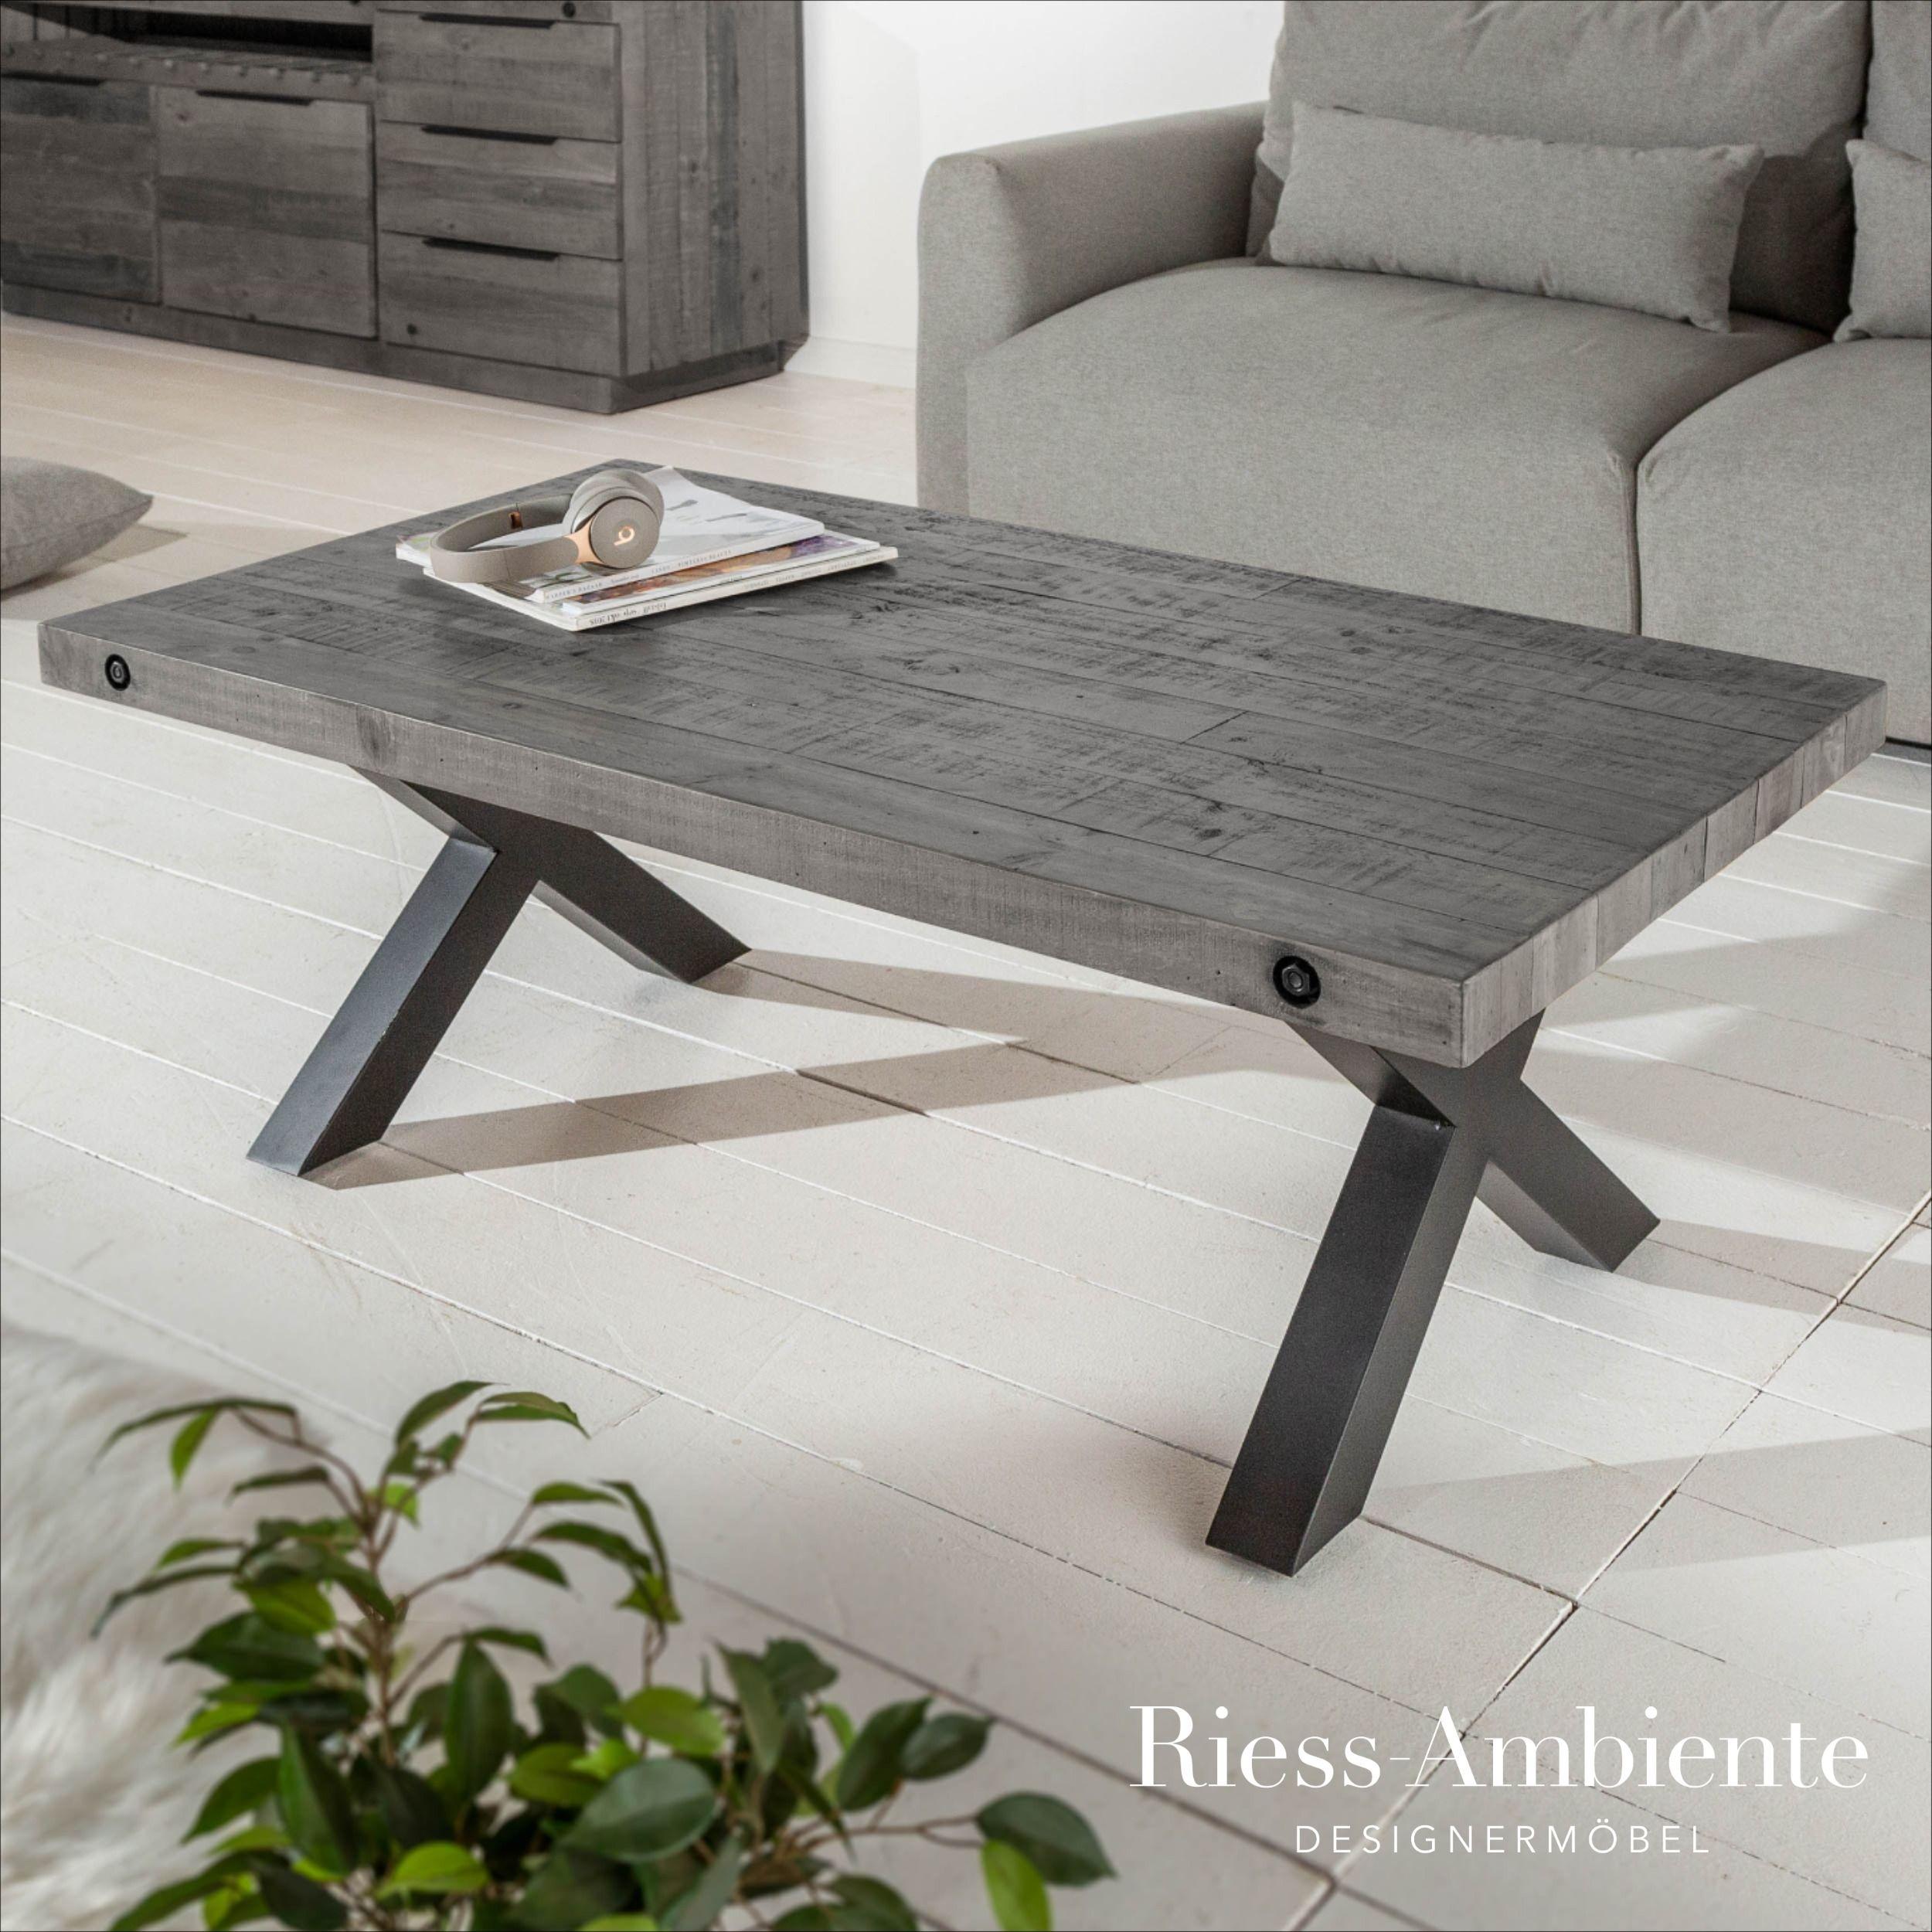 Massiver Couchtisch Thor 110cm Grau Recyceltes Pinienholz Industrial Design X Gestell Riess Ambiente De Couchtisch Wohnzimmertische Sofa Tisch